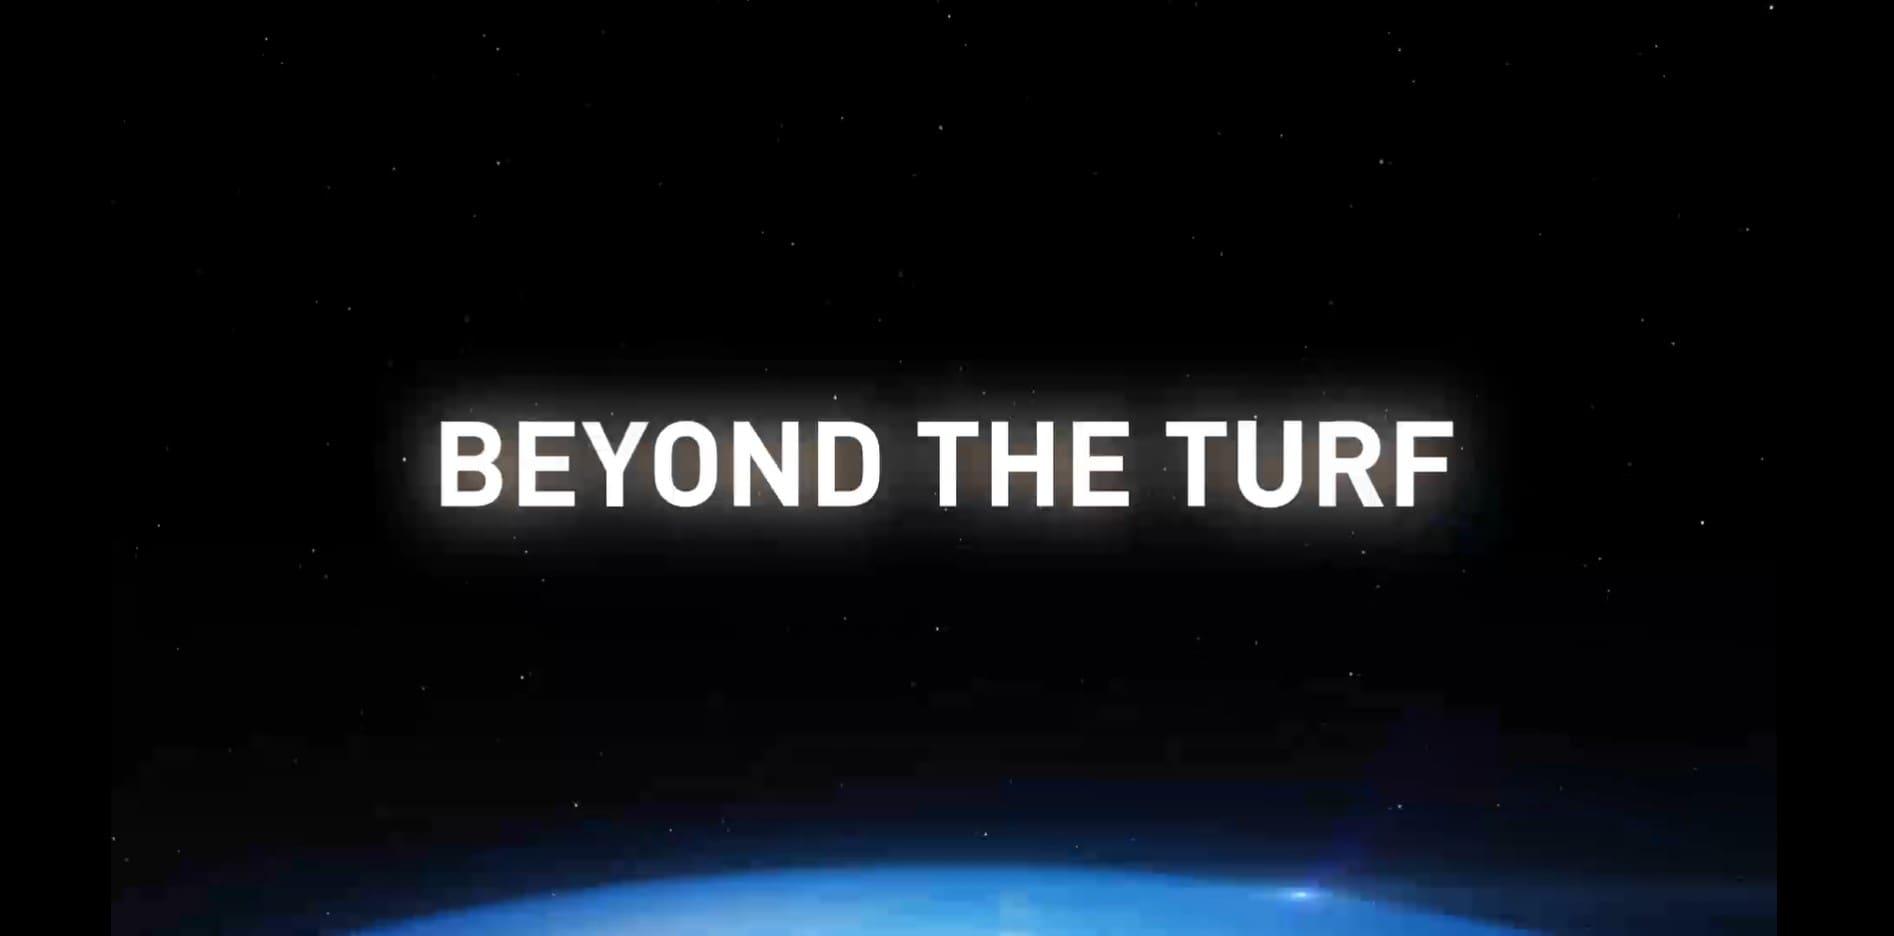 BEYOND THE TURF